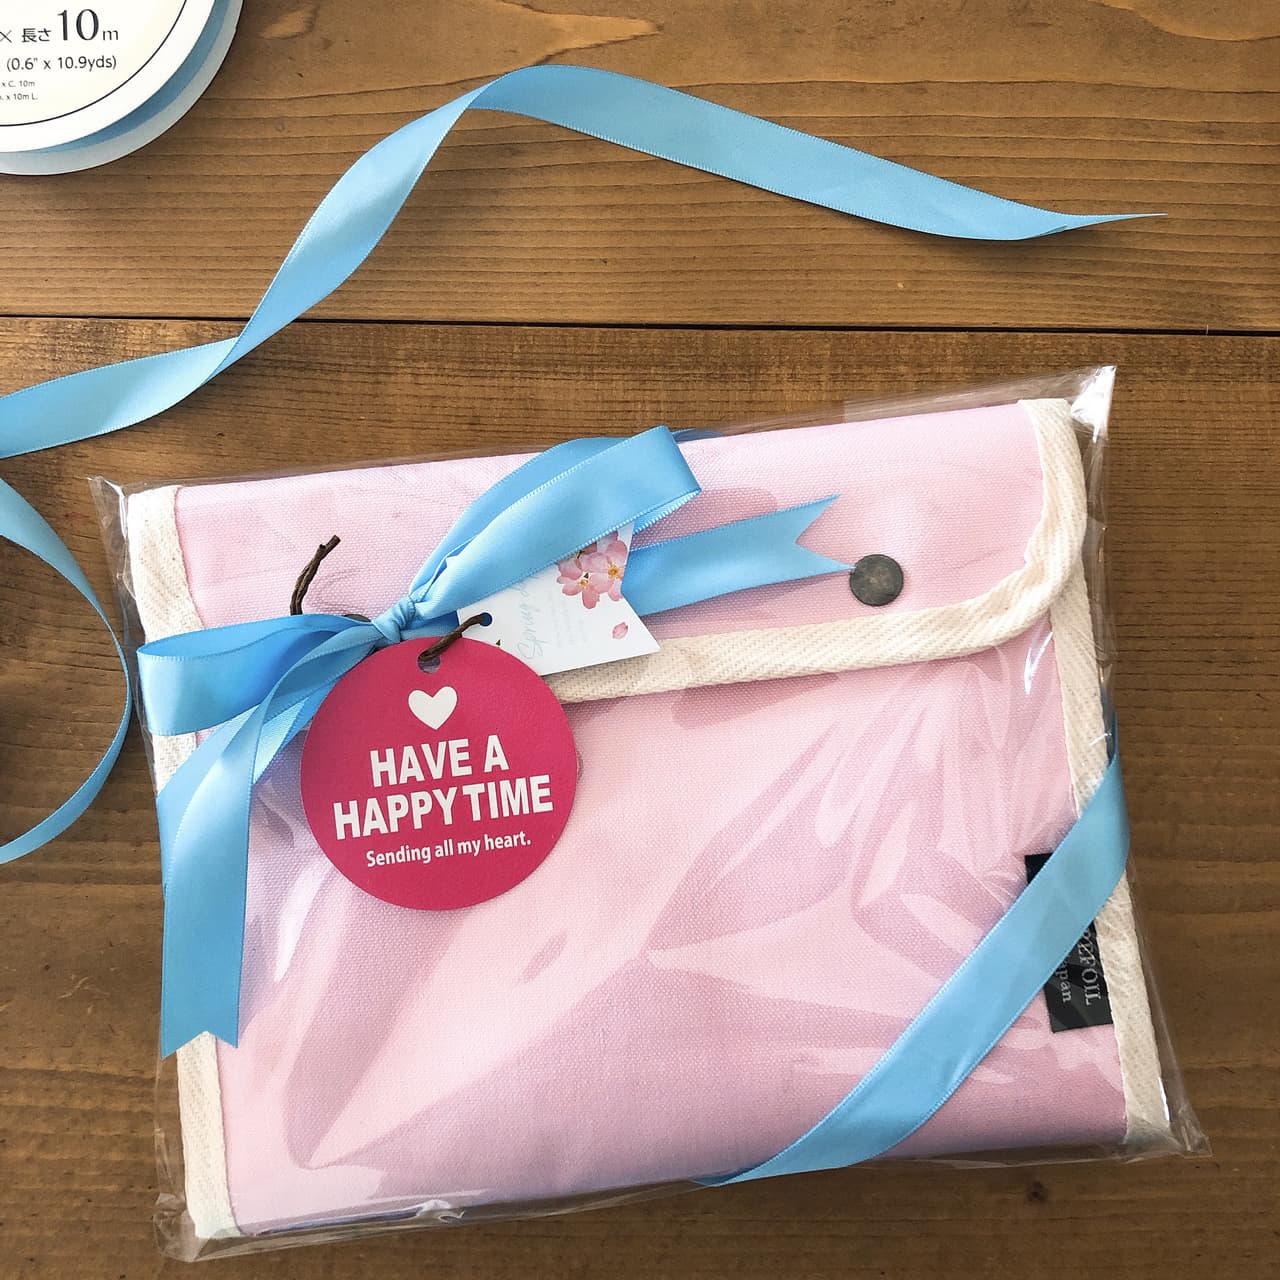 プレゼント用の母子手帳ケース